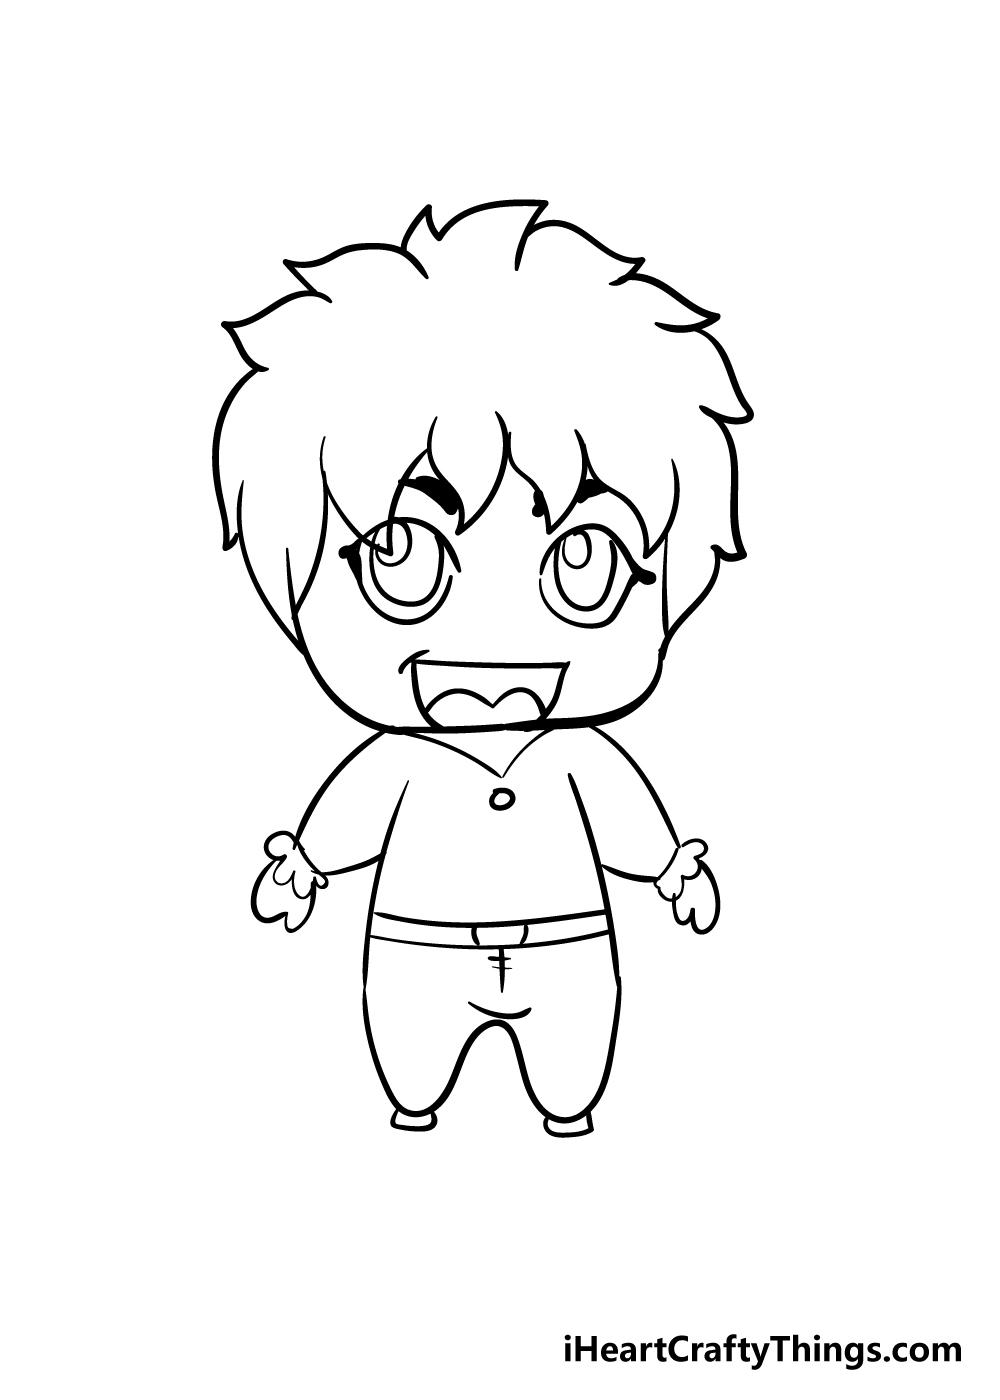 chibi drawing step 10